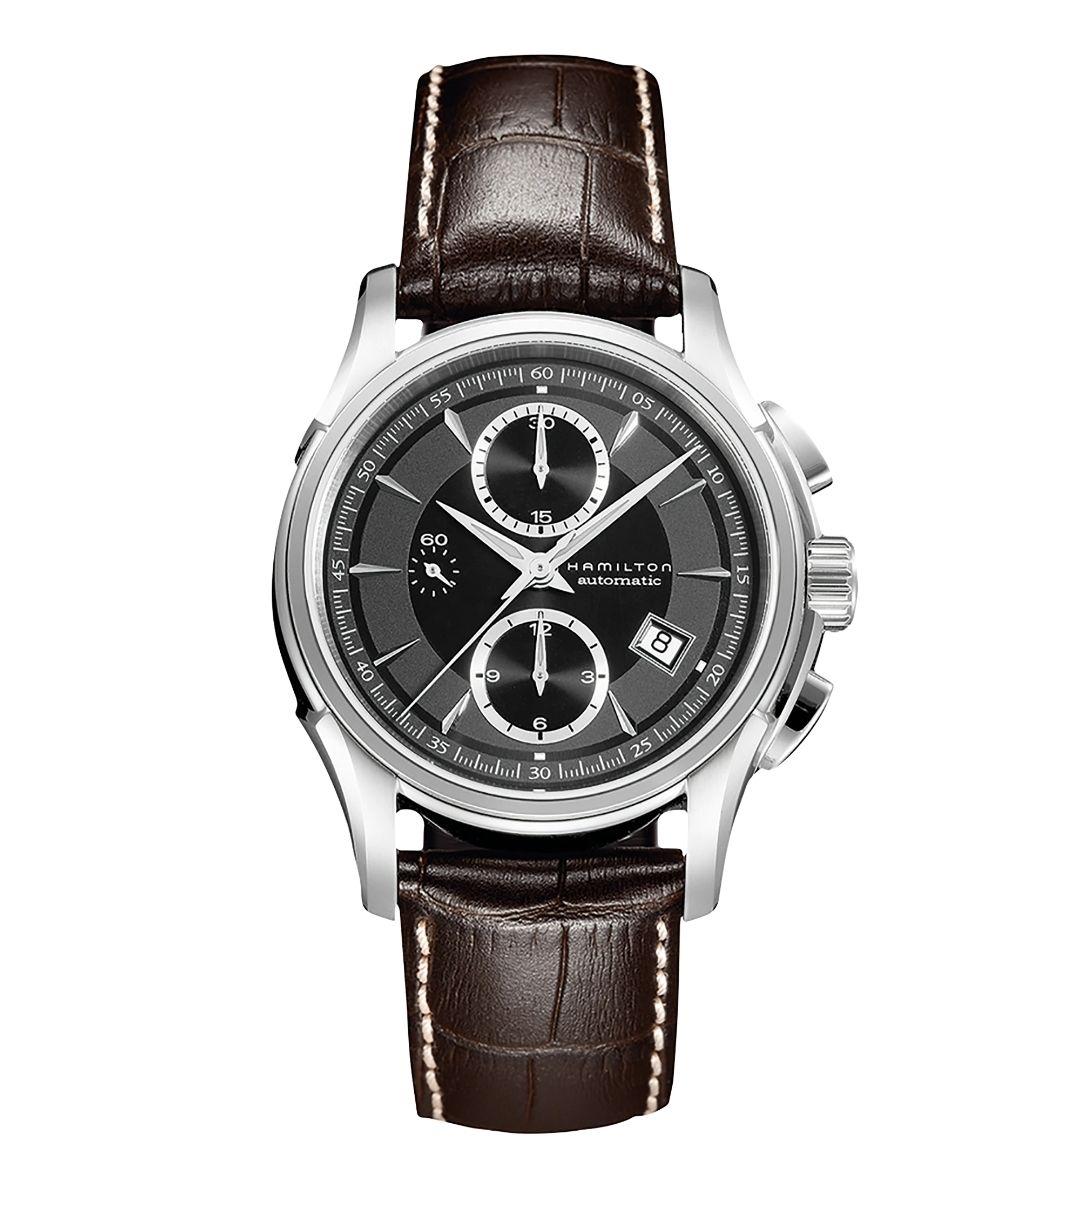 Montre Automatique Hamilton Jazzmaster Chronographe, Verre Saphir, mouvement ETA H-21- 42 mm